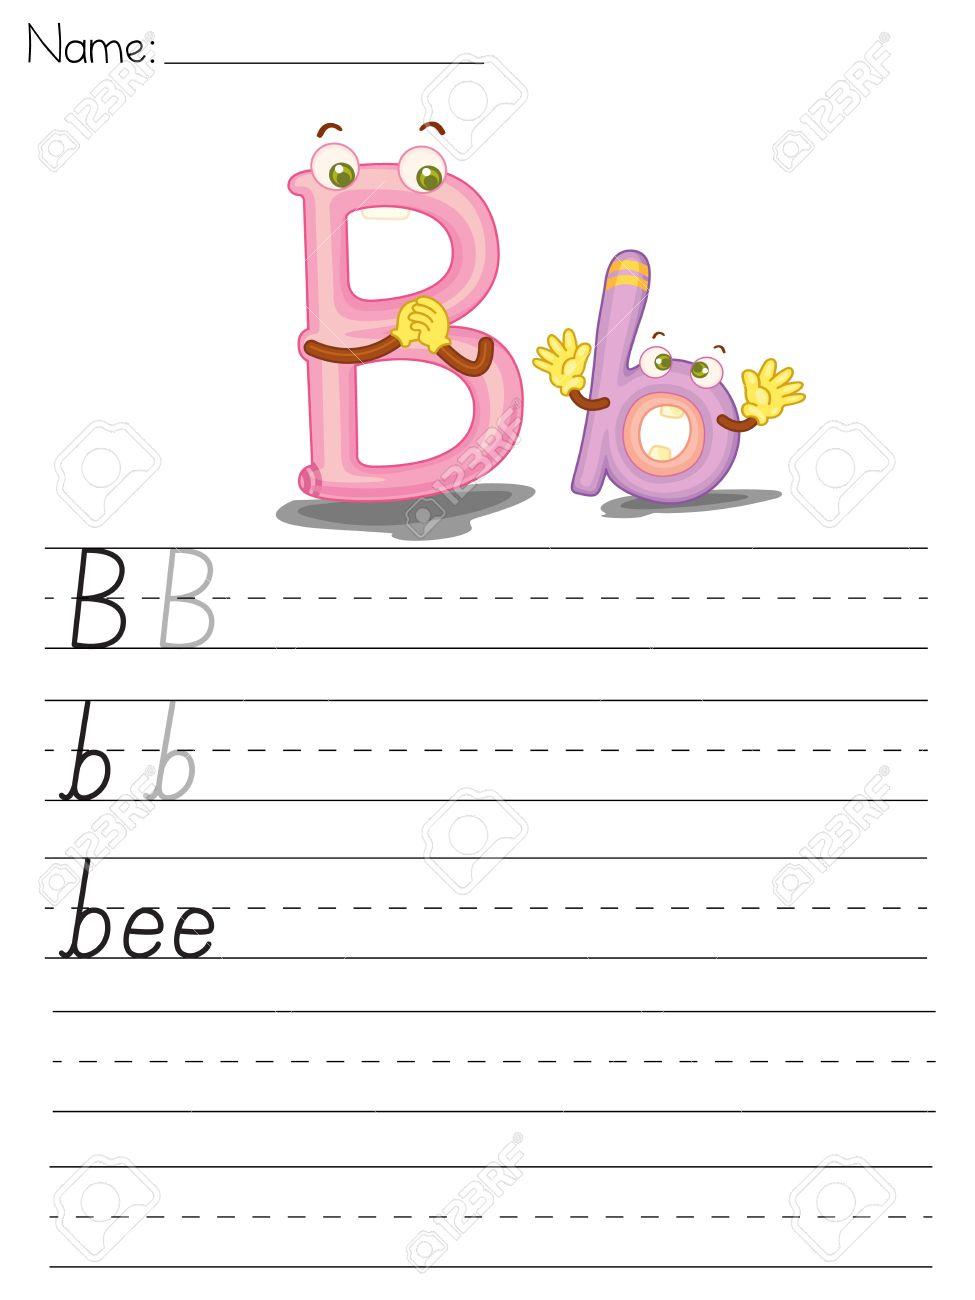 Illustrated alphabet worksheet of the letter b Stock Vector - 13892272